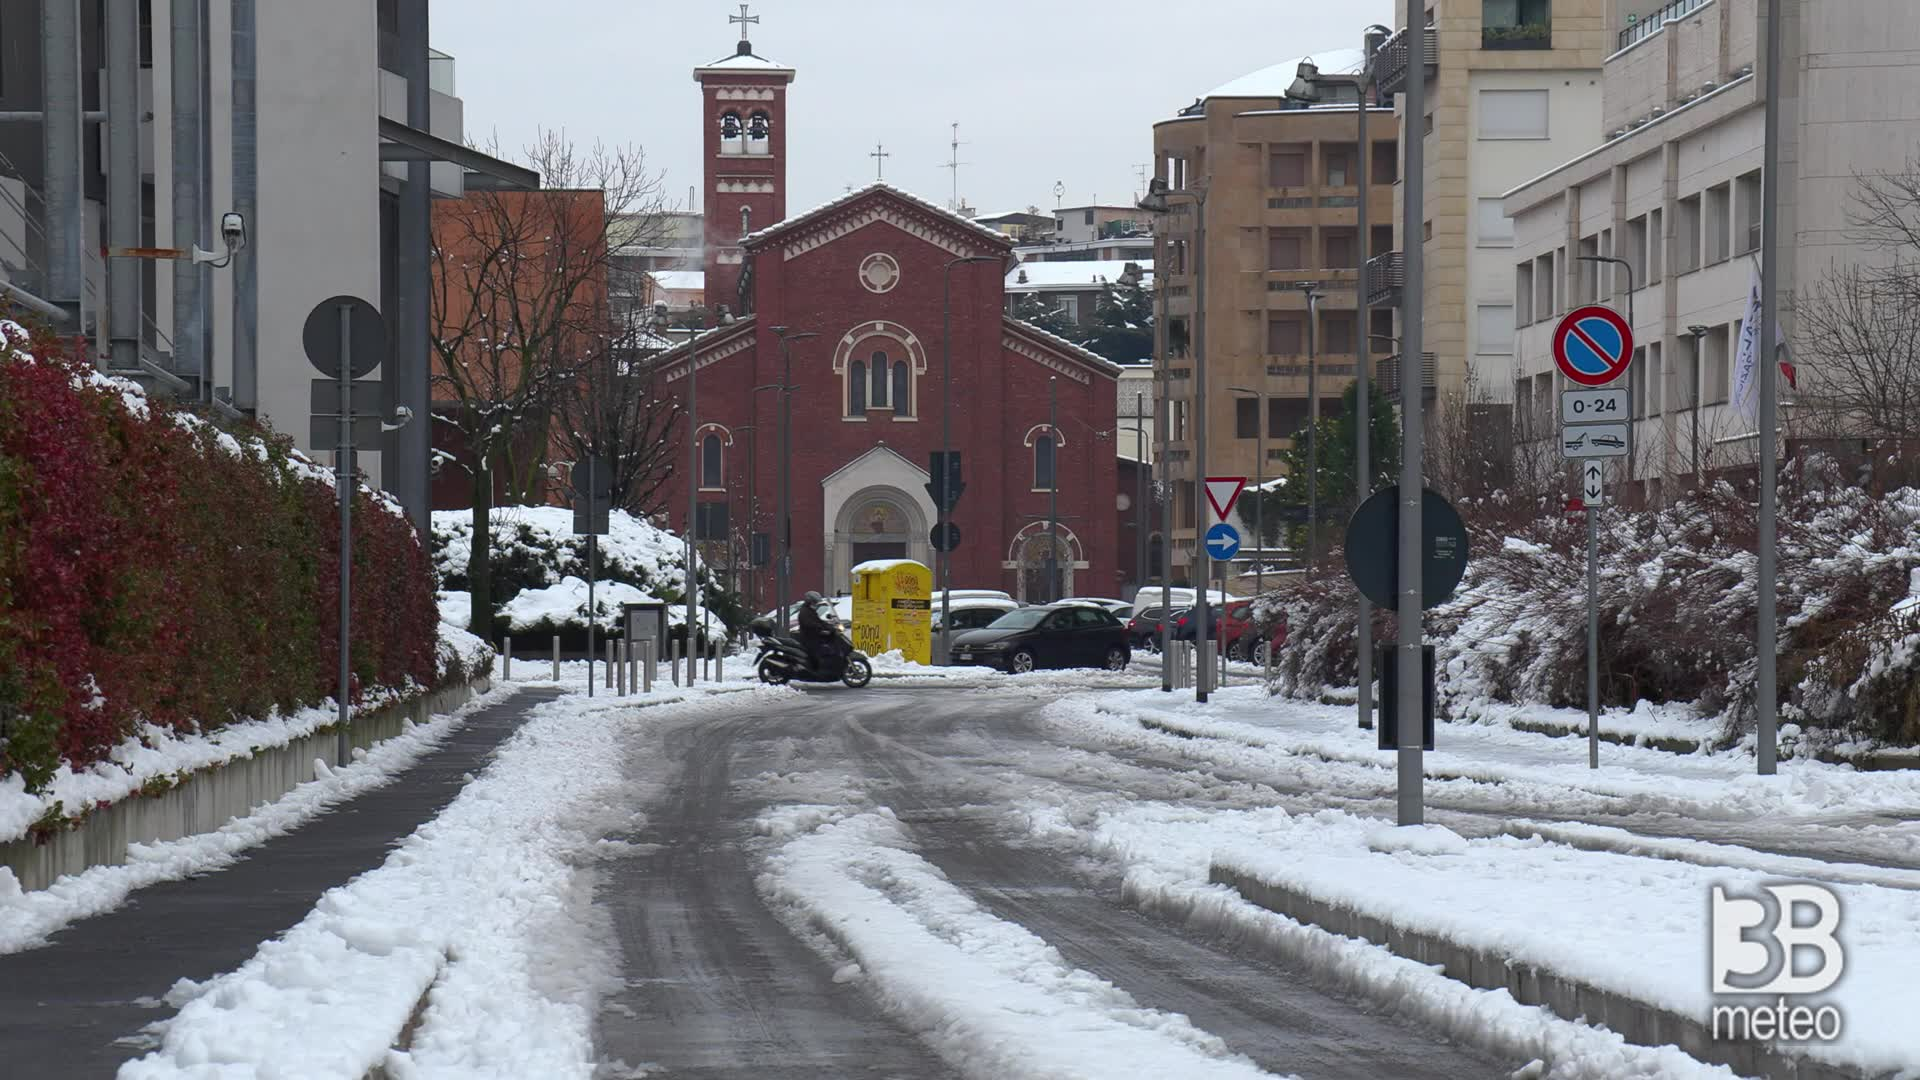 Neve Milano, il giorno dopo: lastre di ghiaccio sulle strade